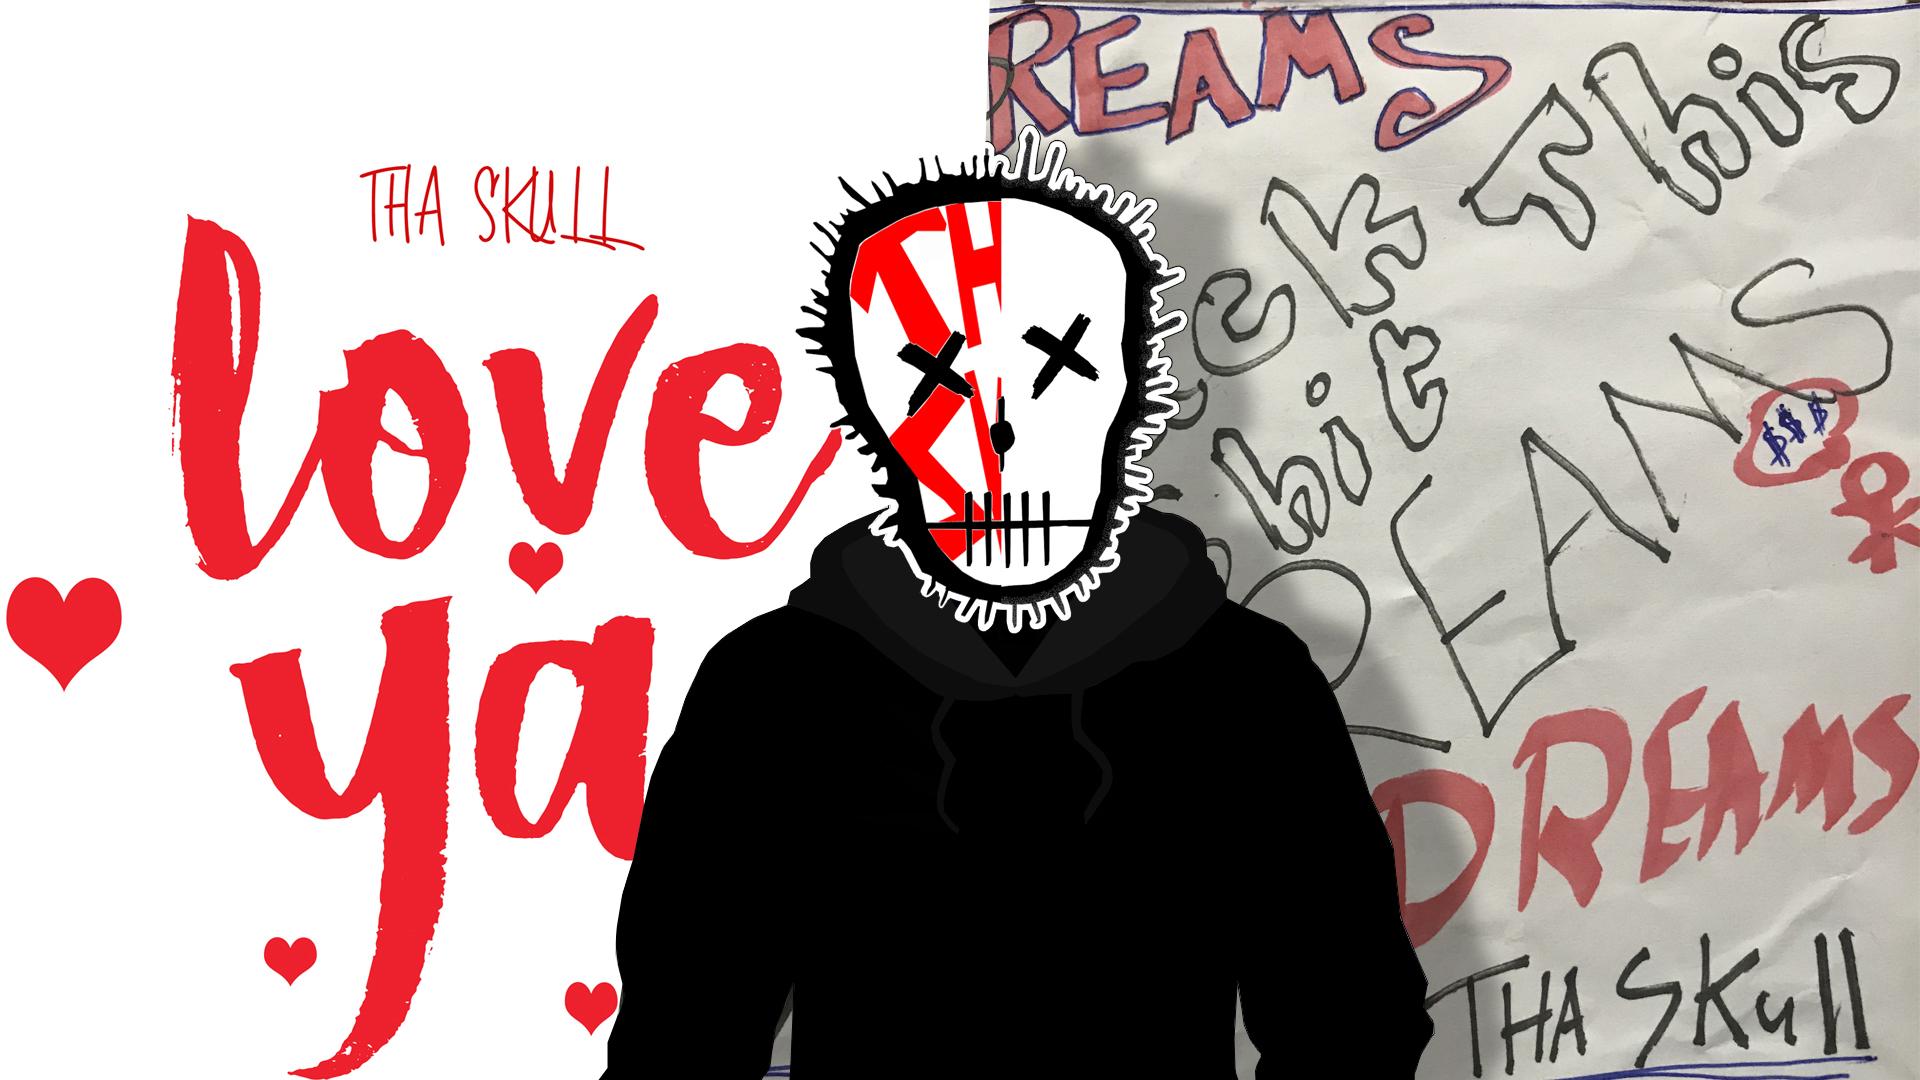 デスクトップ壁紙 Tha Skull ラップ ヒップホップ アートワーク 音楽 歌手 ラッパー 頭蓋骨 歌う 19x1080 Kangyifan デスクトップ壁紙 Wallhere